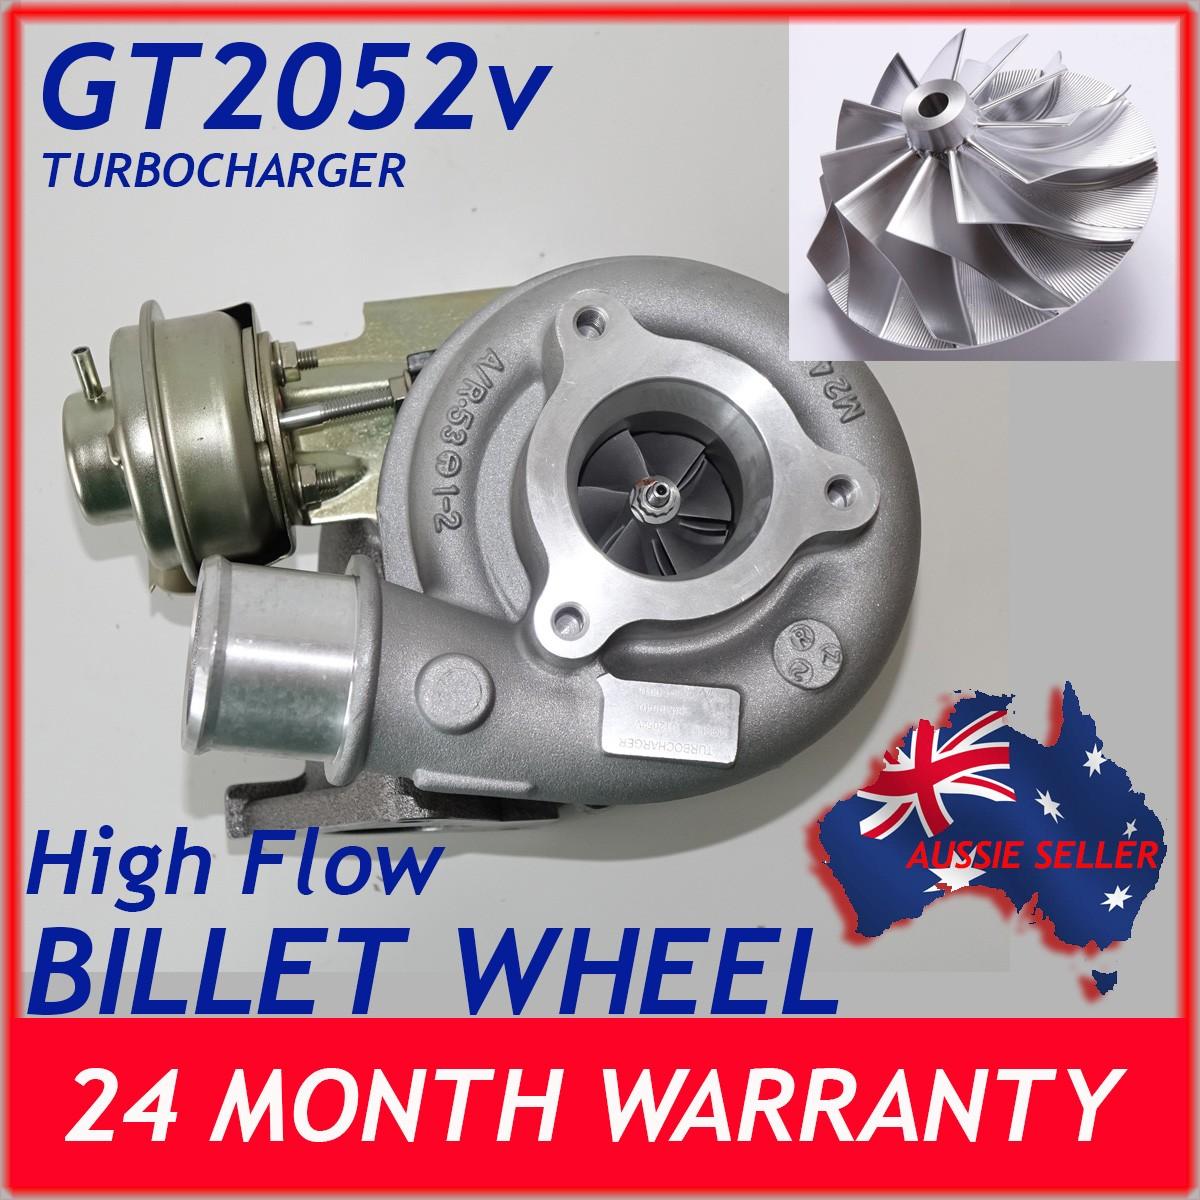 nissan-patrol-turbocharger-gt2052v-compressor-billet-wheel